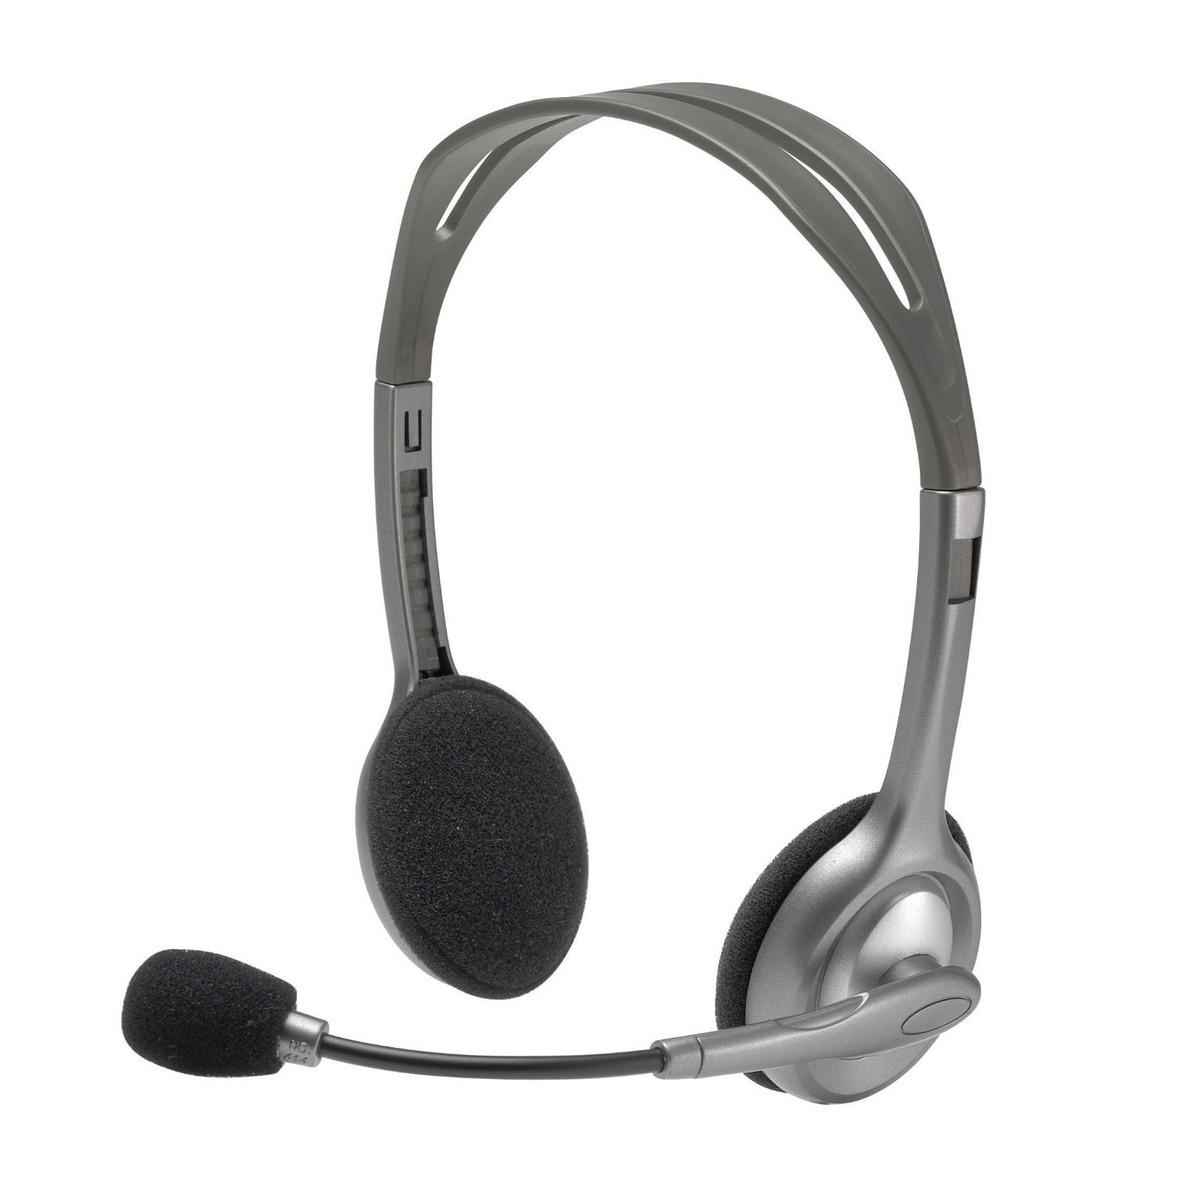 diadema-logitech-h110-35-microfono-win-3068-MLM3859447642_022013-F